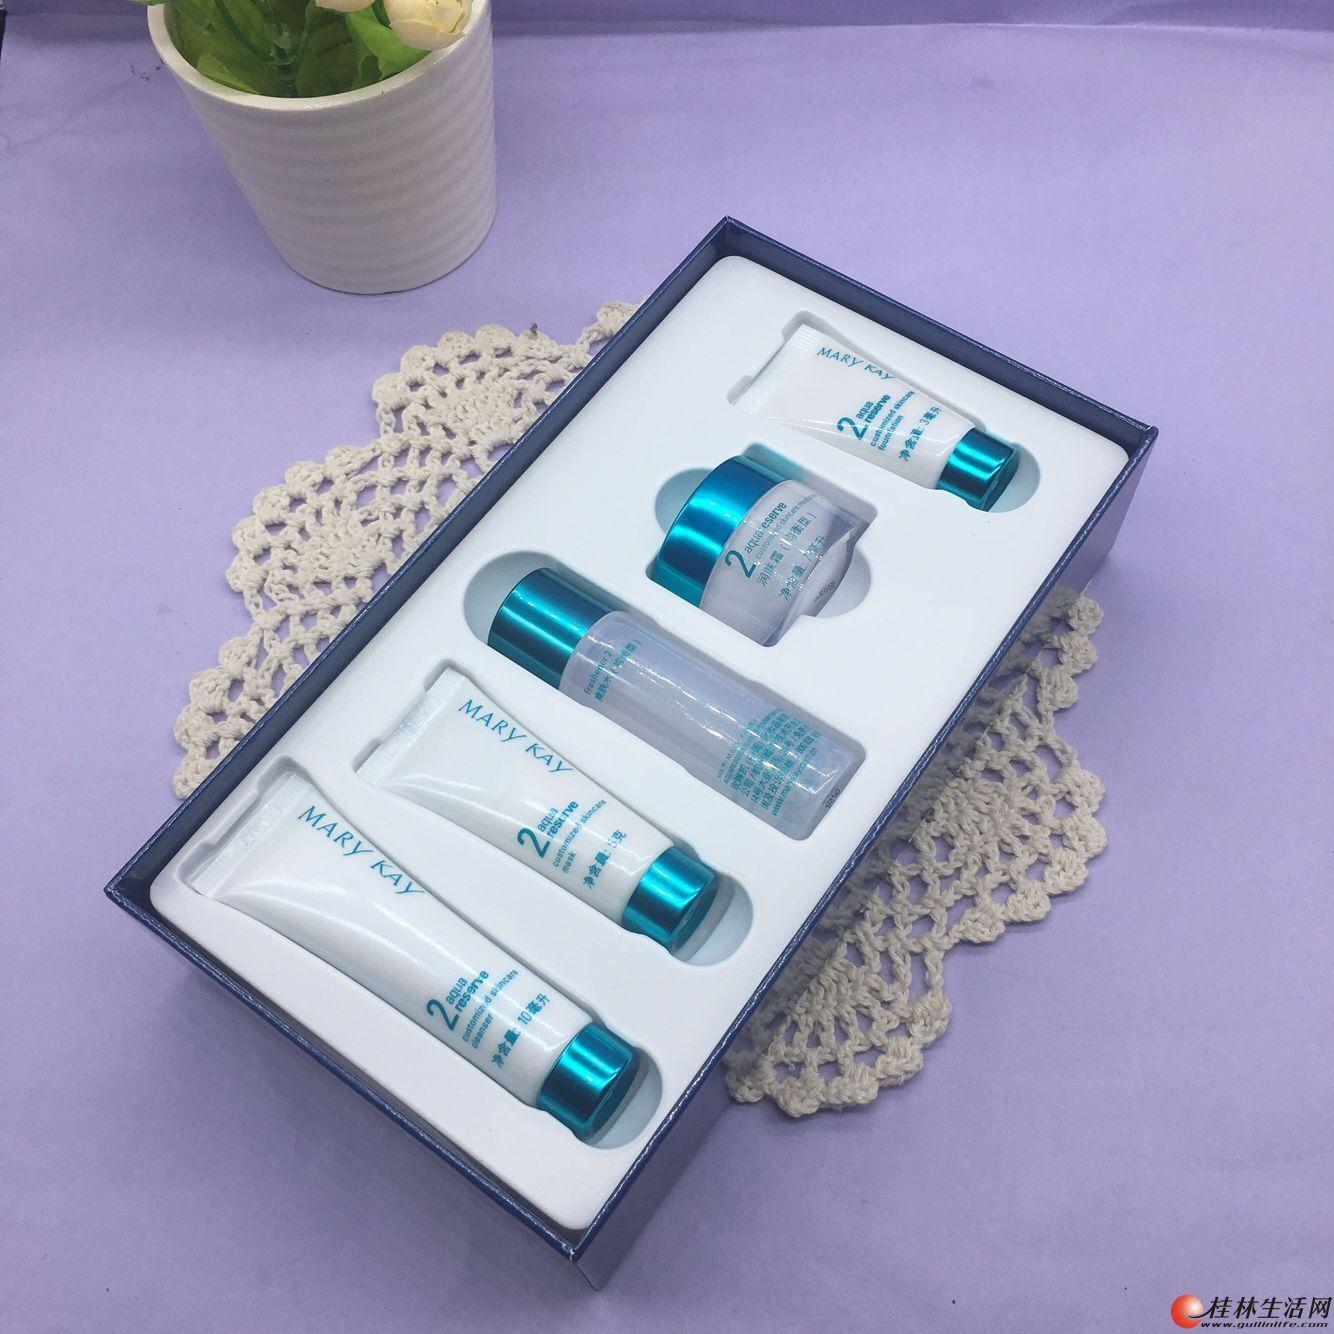 柳州市各地回收玫琳凯面膜产品长期收购玫琳凯化妆品